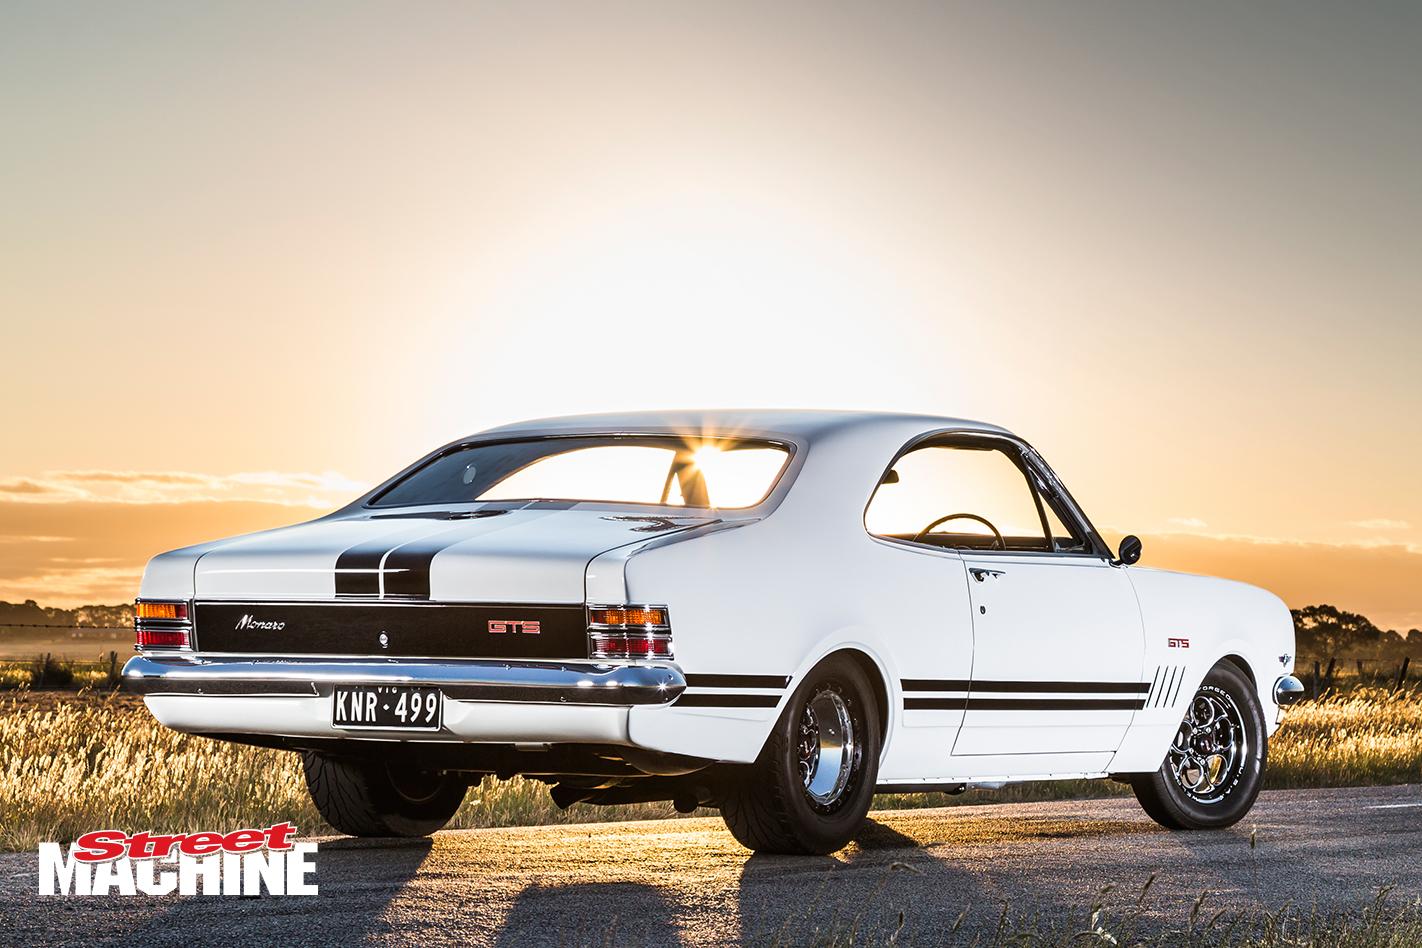 Holden HT Monaro GTS 2